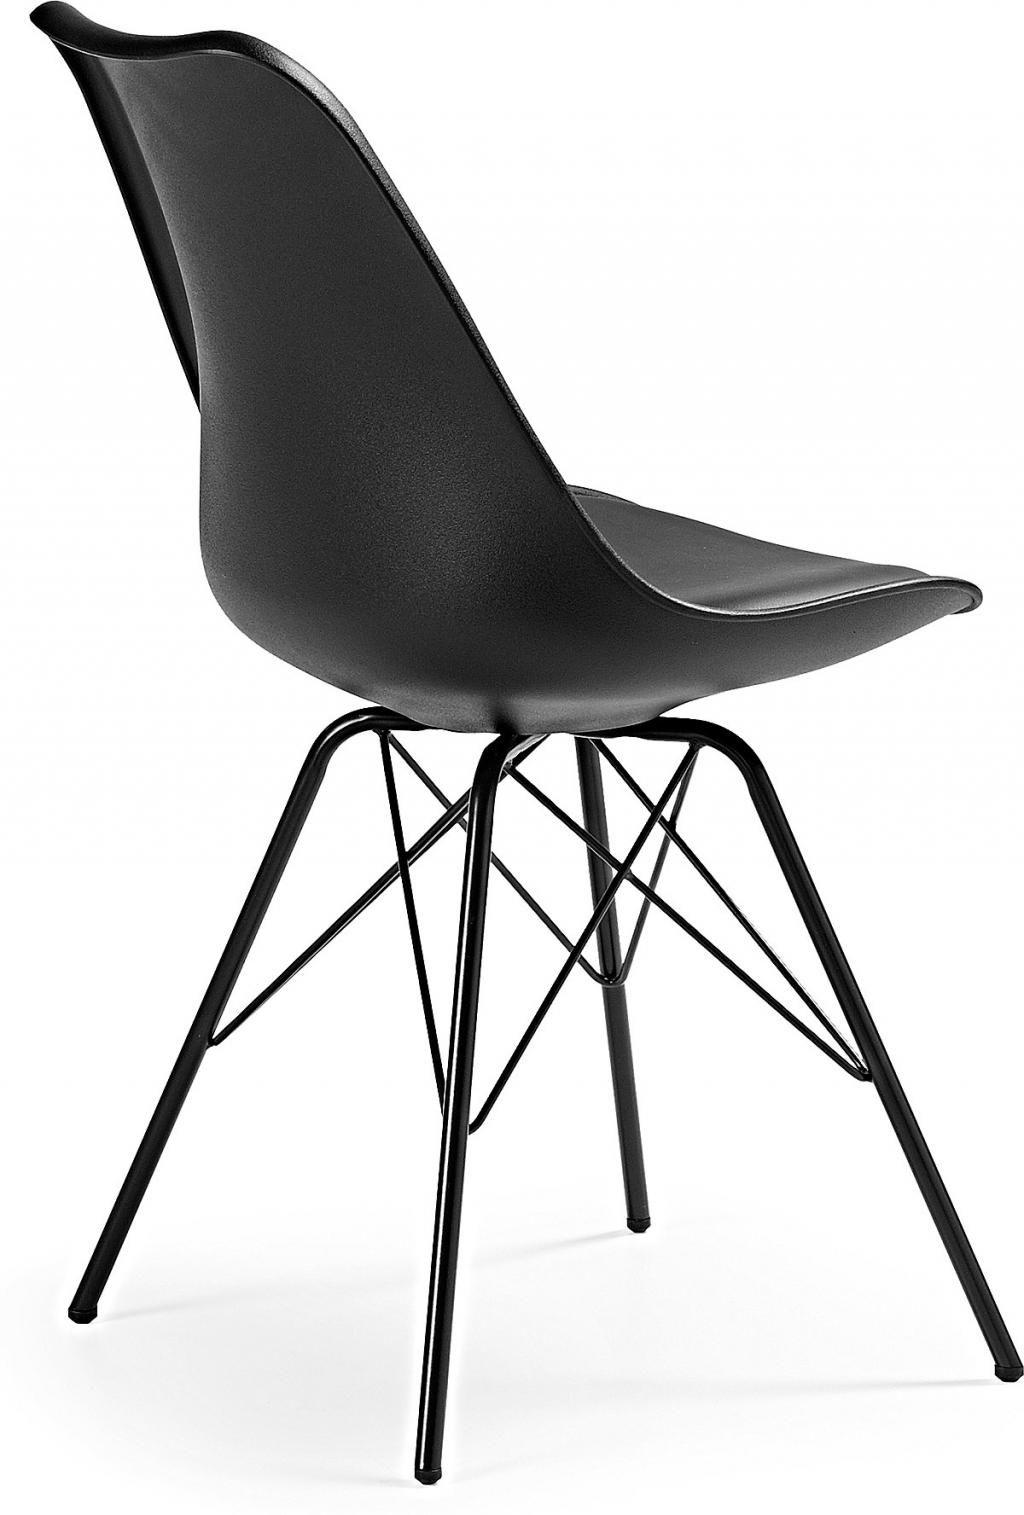 Stuhl lars schwarz metall la forma kaufen wohn und lifestylewebshop - Stuhl schwarz metall ...